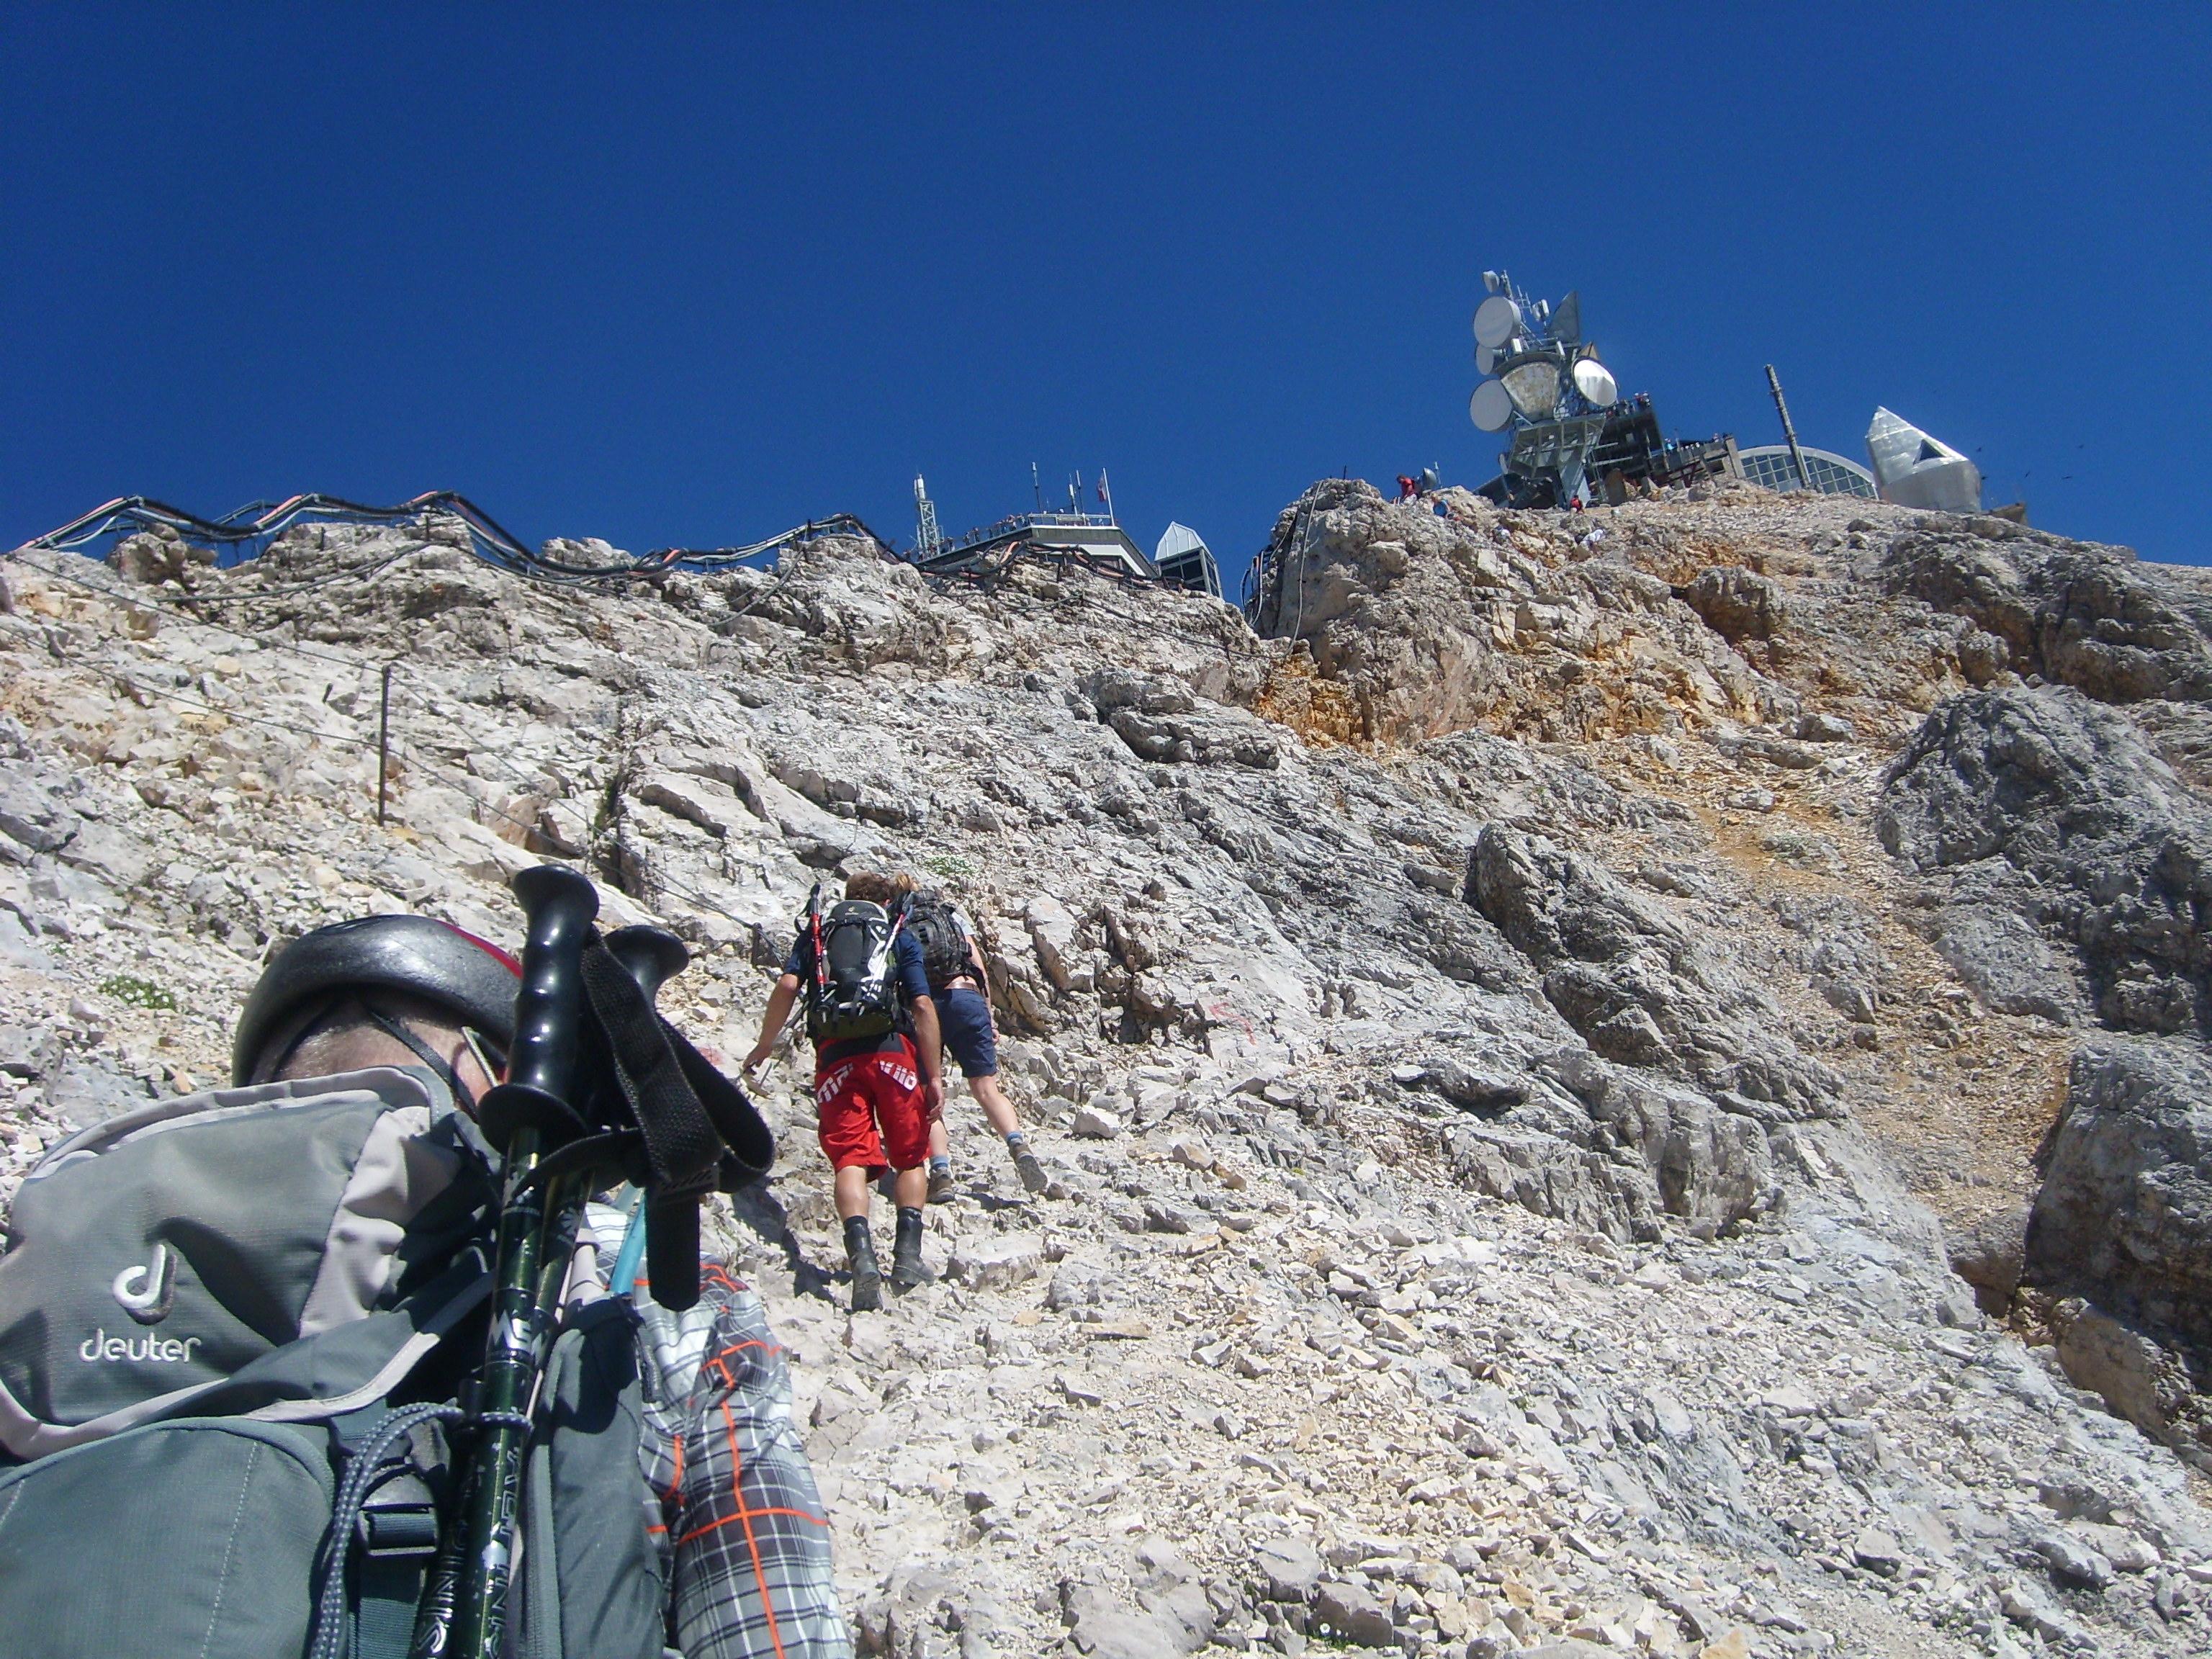 Klettersteig Zugspitze Stopselzieher : Auf die zugspitze über den klettersteig u cstopselzieher